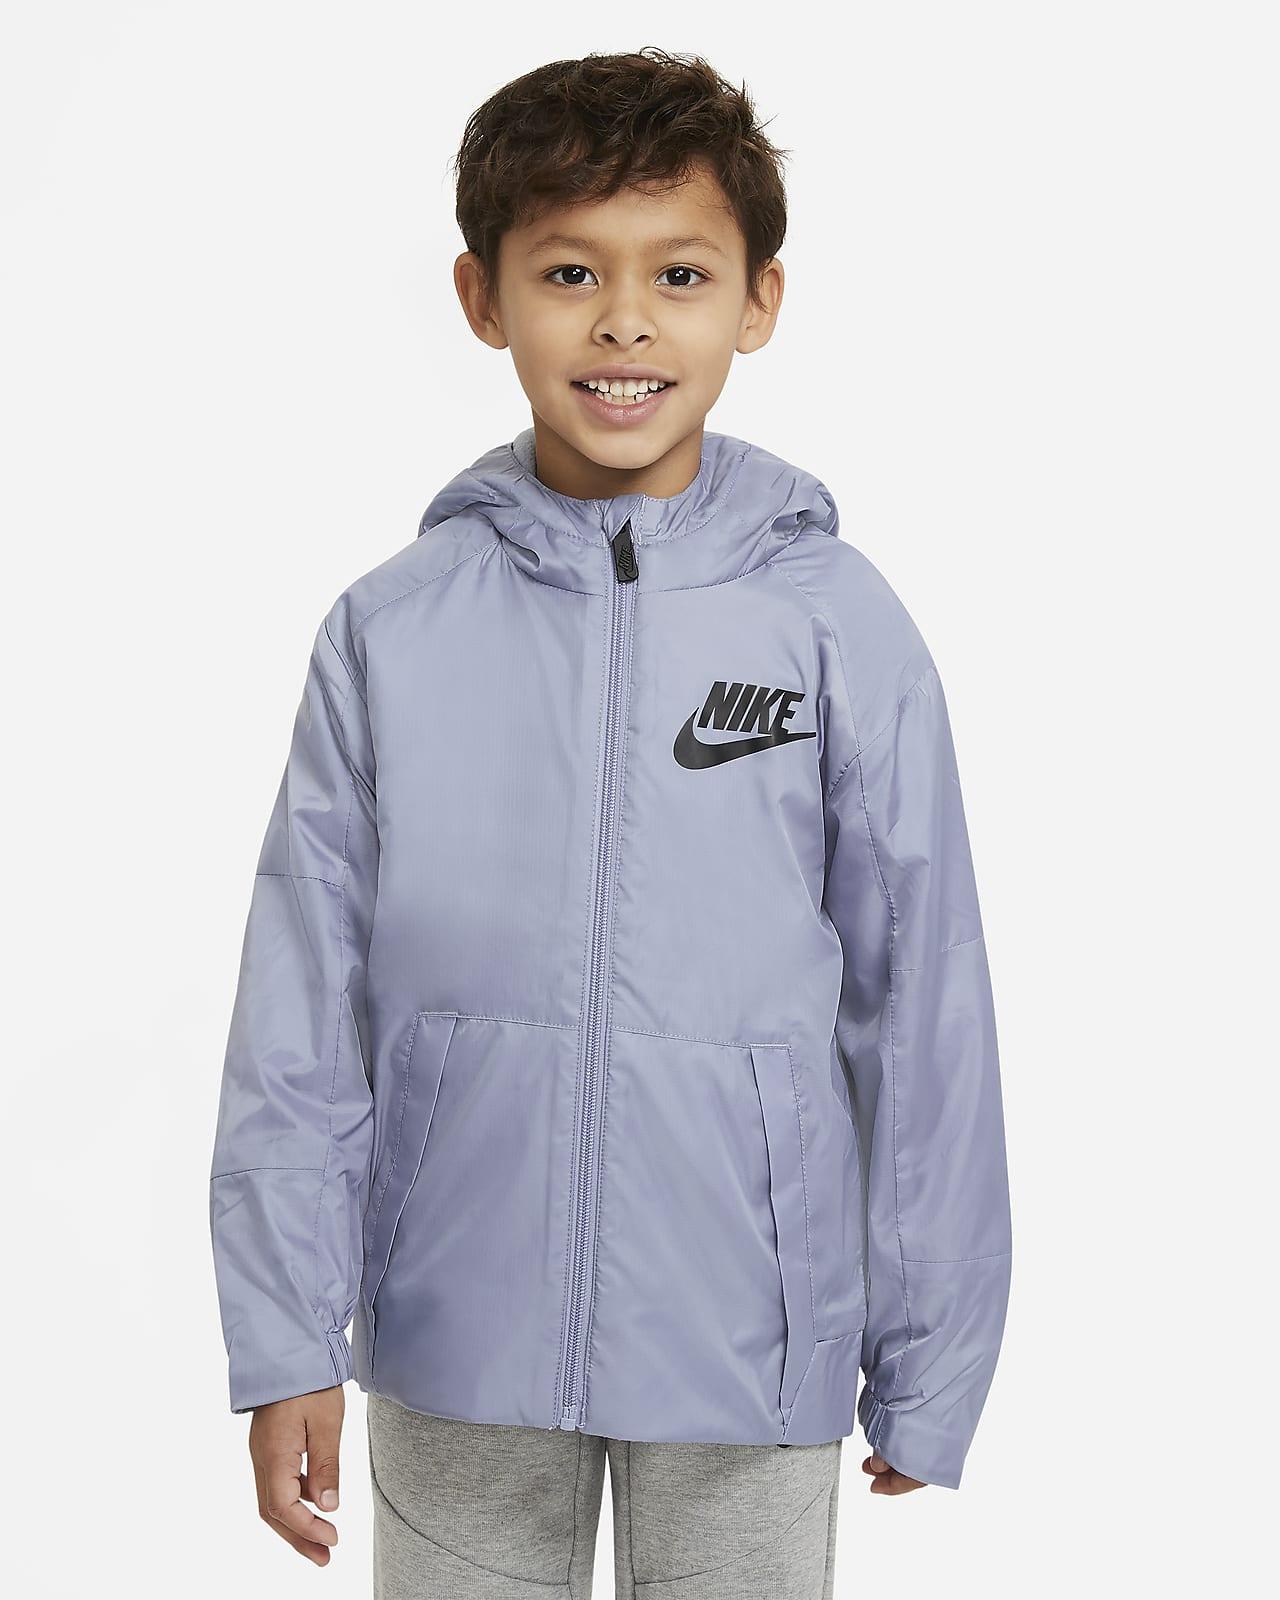 Nike Sportswear Chaqueta - Niño/a pequeño/a